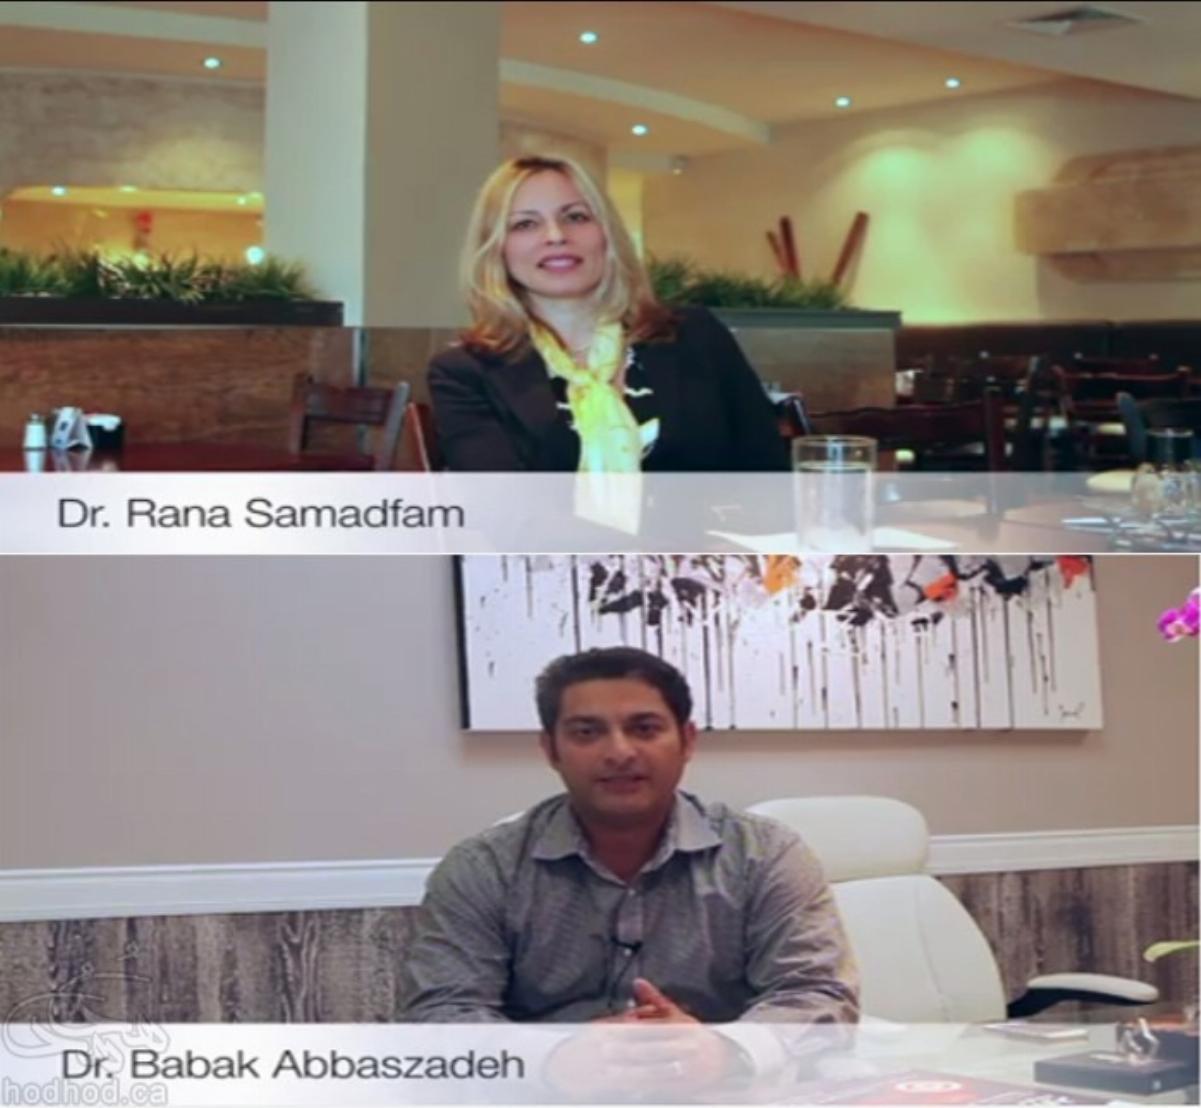 با دکتر رعنا صمدفام و دکتر بابک عباس زاده در اولین گردهمایی متخصصان ایرانی استان کبک